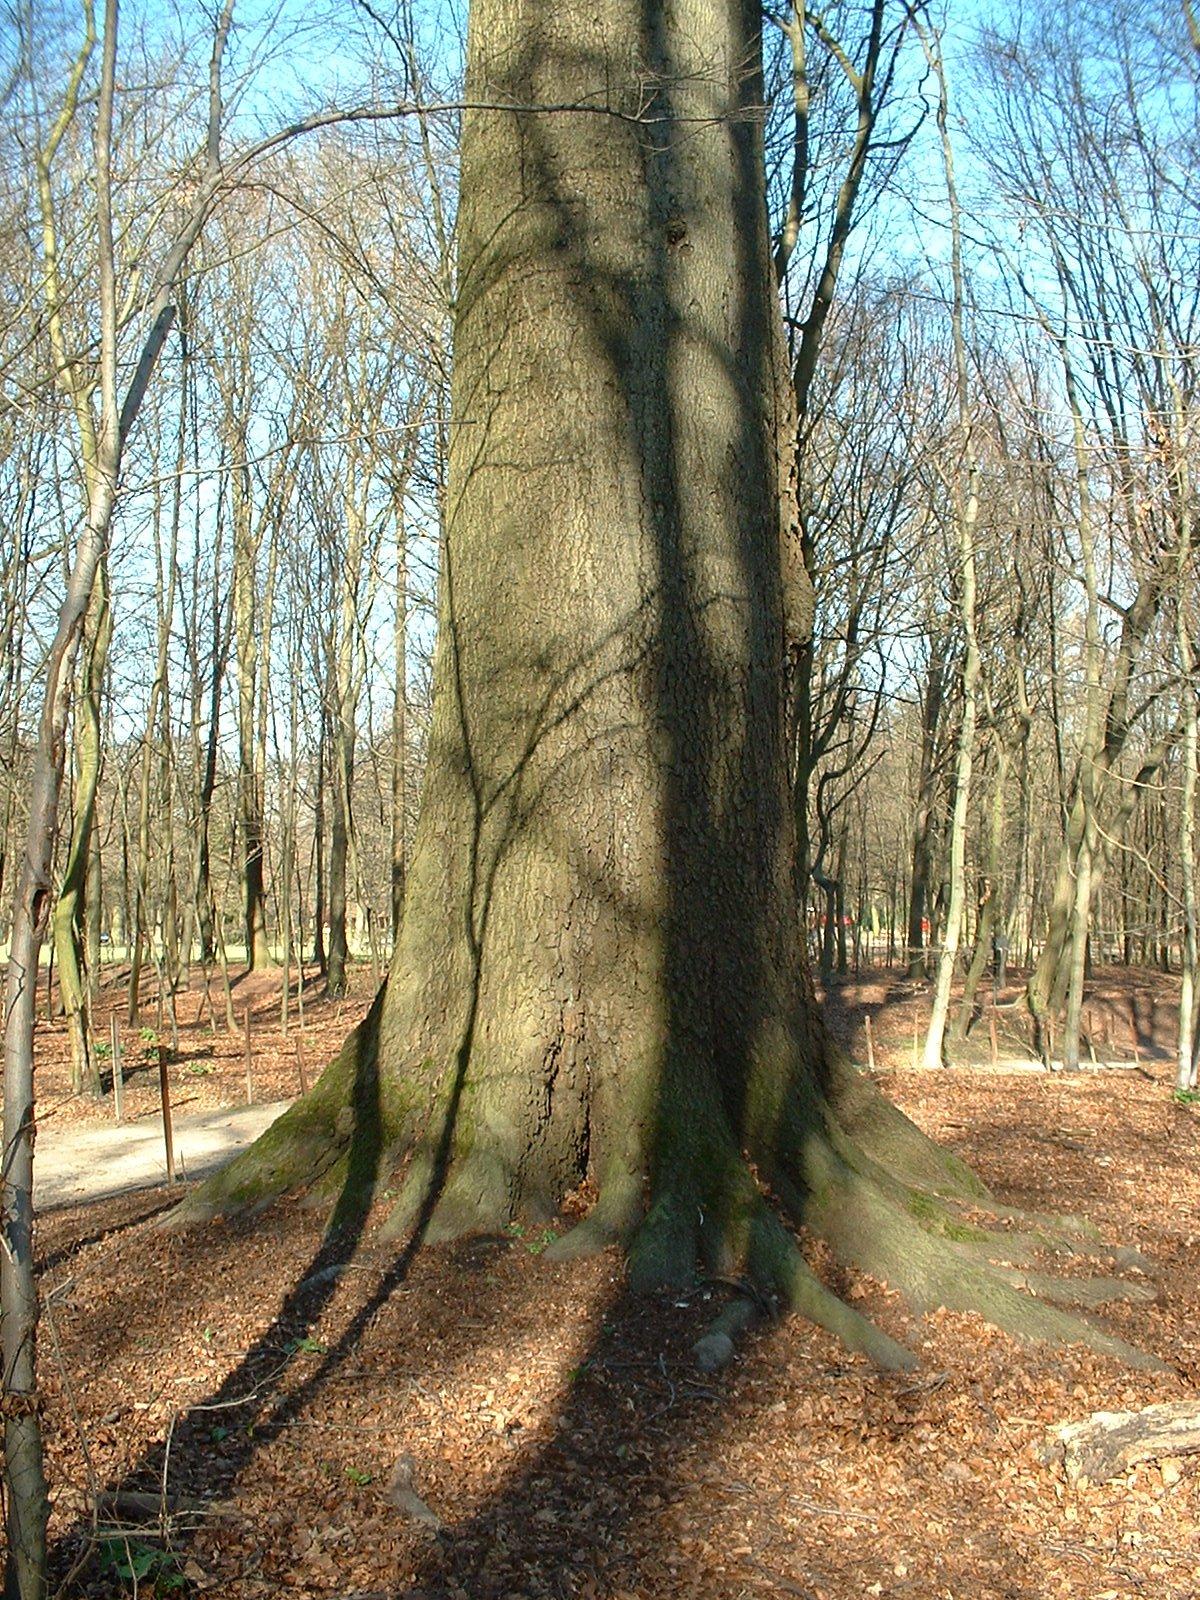 Hêtre d'Europe – Bruxelles, Bois de la Cambre, bois –  14 Mars 2003